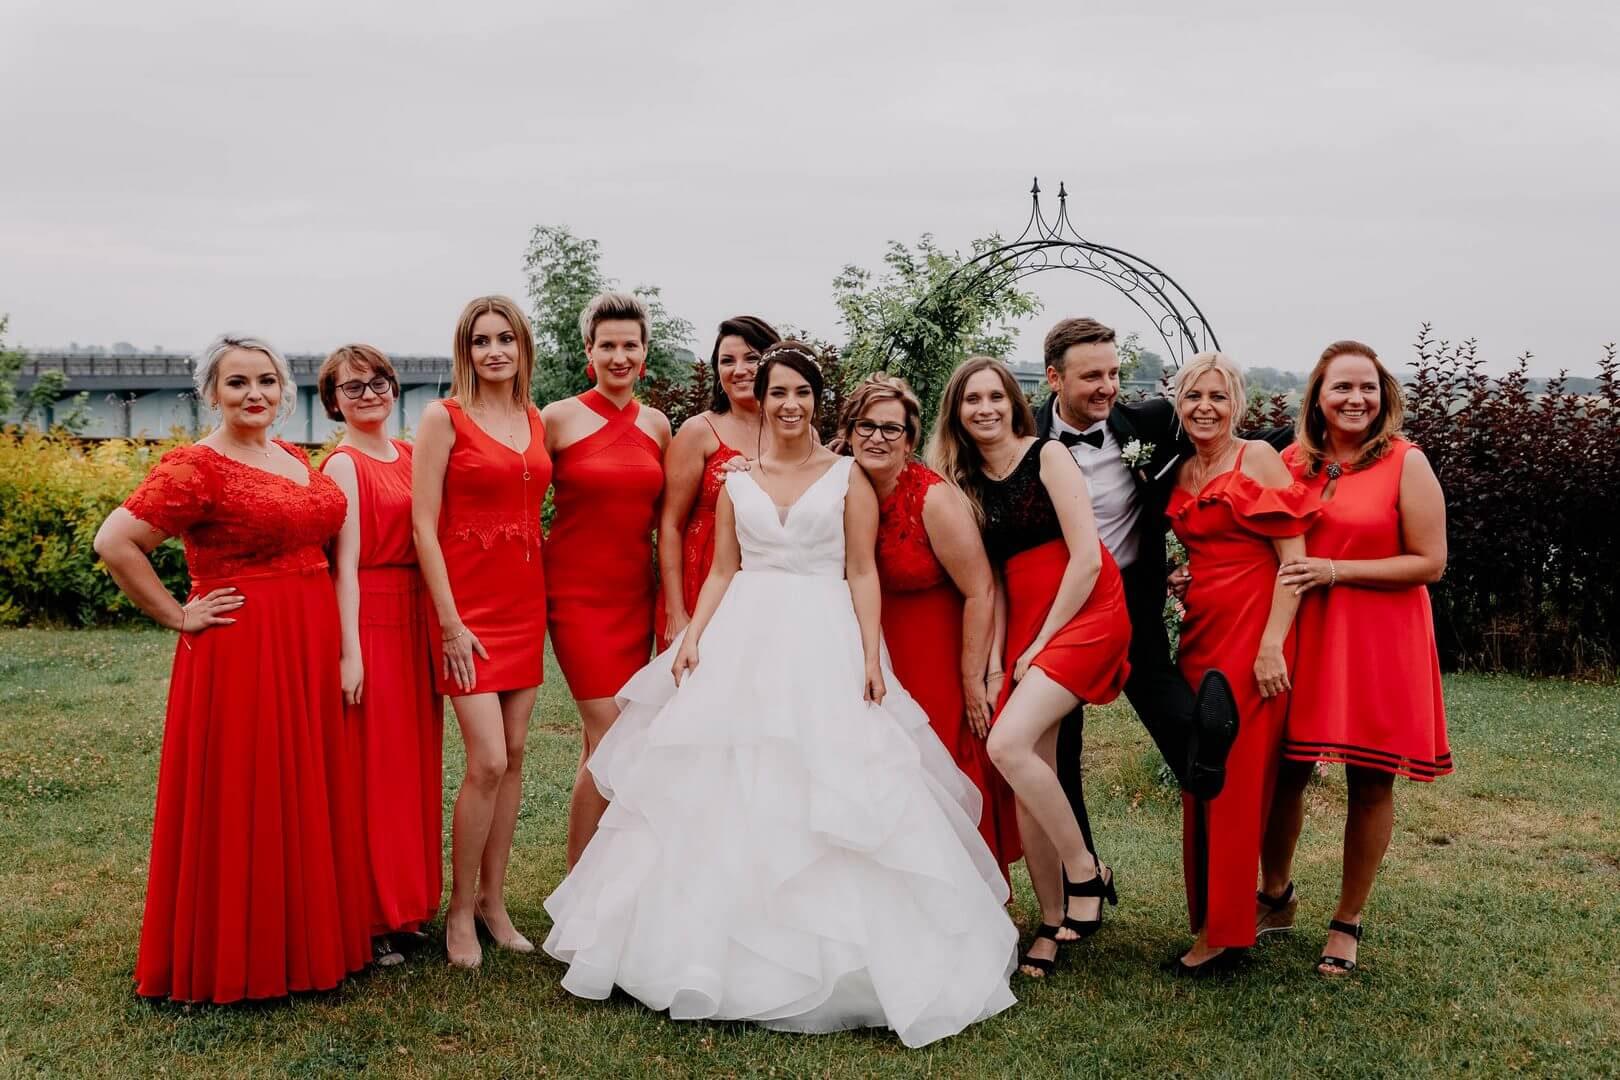 Zdjęcia grupowe na weselu. fotograf Szpakowicz Aleksander Gdańsk, Trójmiasto - szpakowicz-studio.pl 6